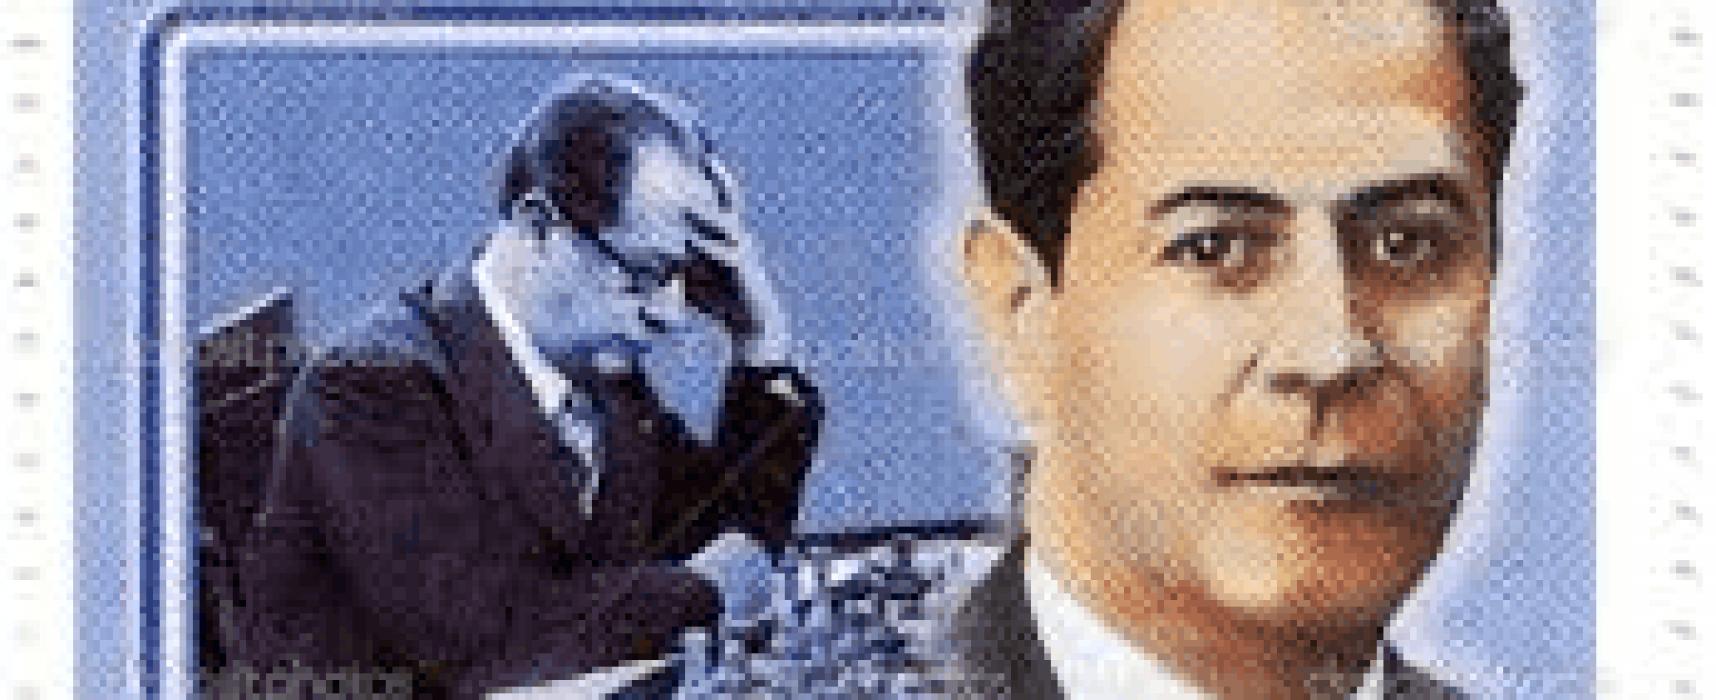 Próxima biografía de José Raúl Capablanca + Ajedrez y música